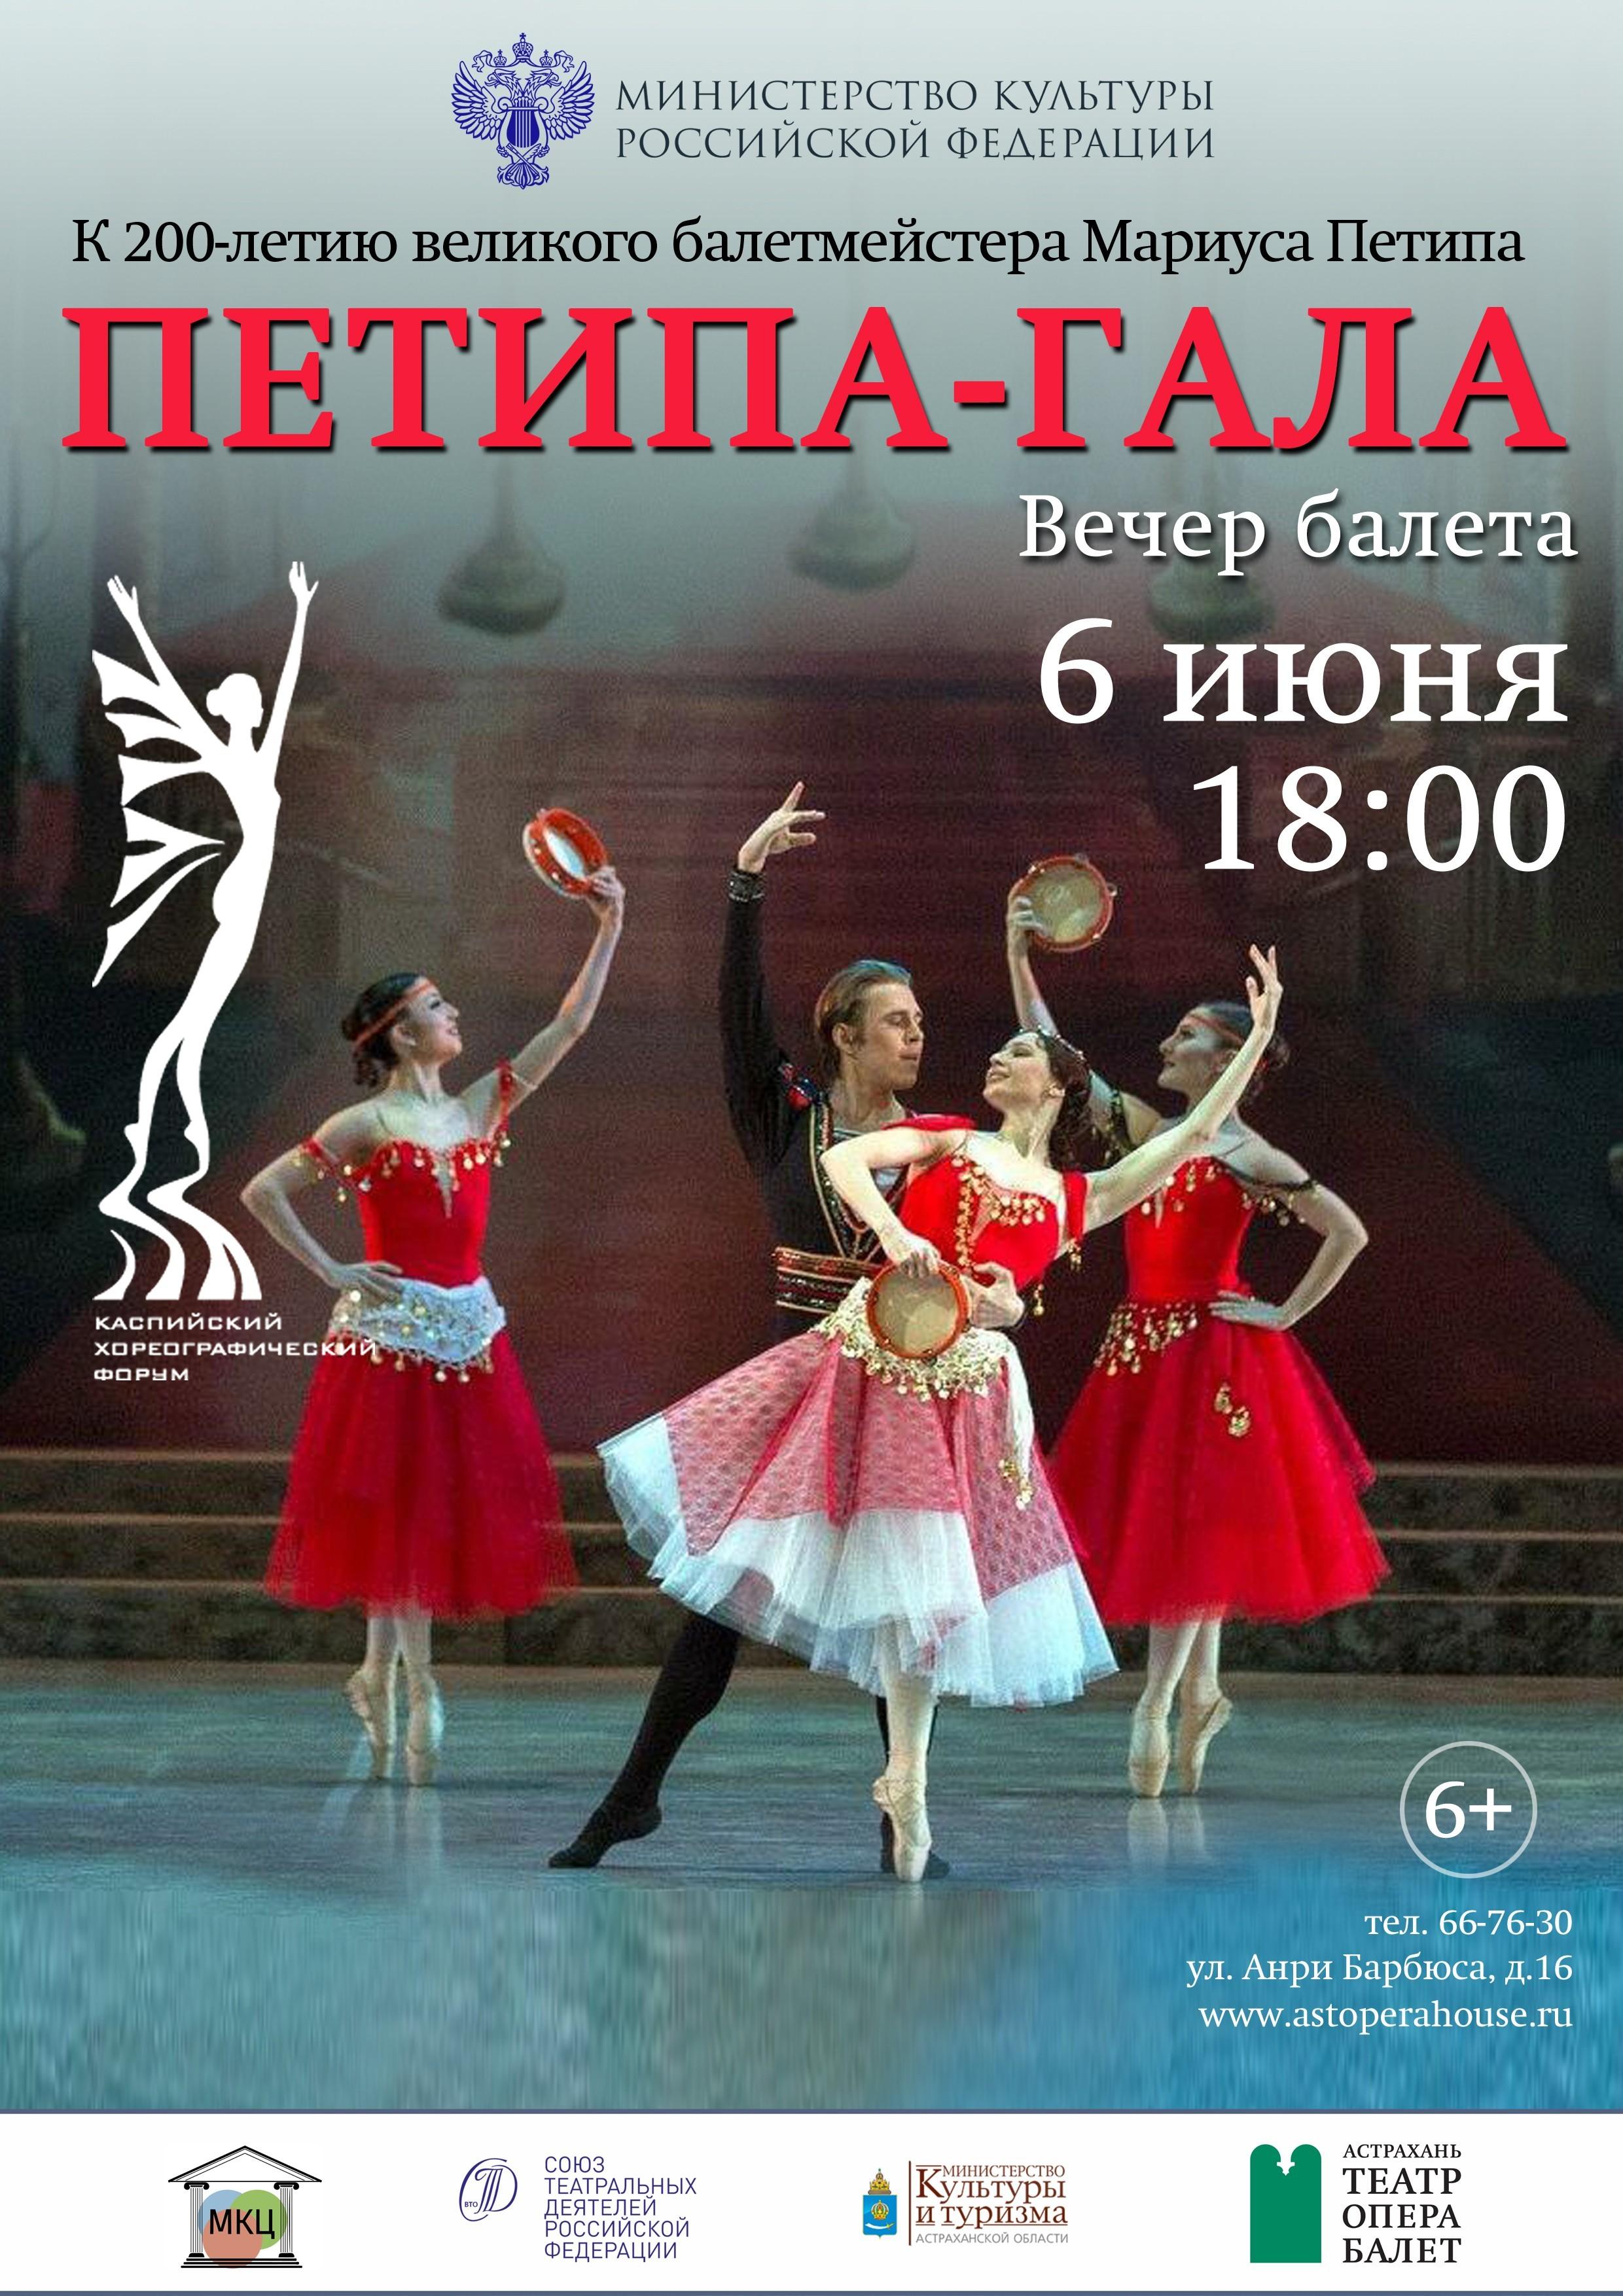 6 июня  состоится открытие  первого Каспийского хореографического форума «День балета на Каспии»